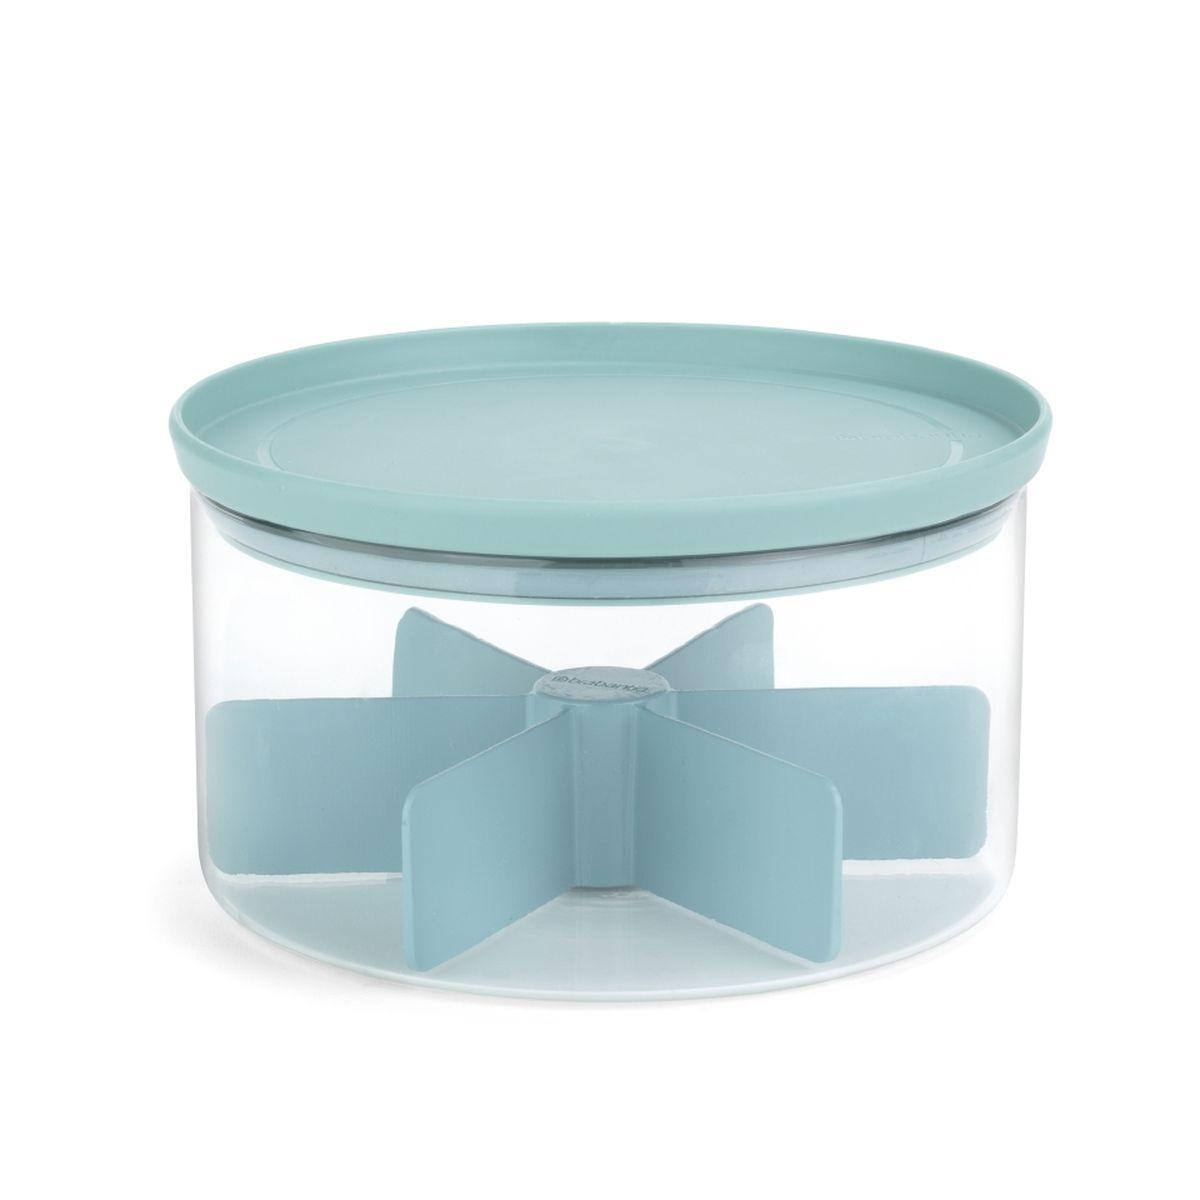 Надолго сохраняет аромат и свежесть чая – герметичная крышка.  Вмещает несколько видов чая – 6 отделений на 10 чайных пакетиков каждое.  Экономия места на кухне – банки составляются одна на другую.  Легко моется – можно мыть в посудомоечной машине.  Хорошо видно содержимое и его объем – прозрачное стекло.